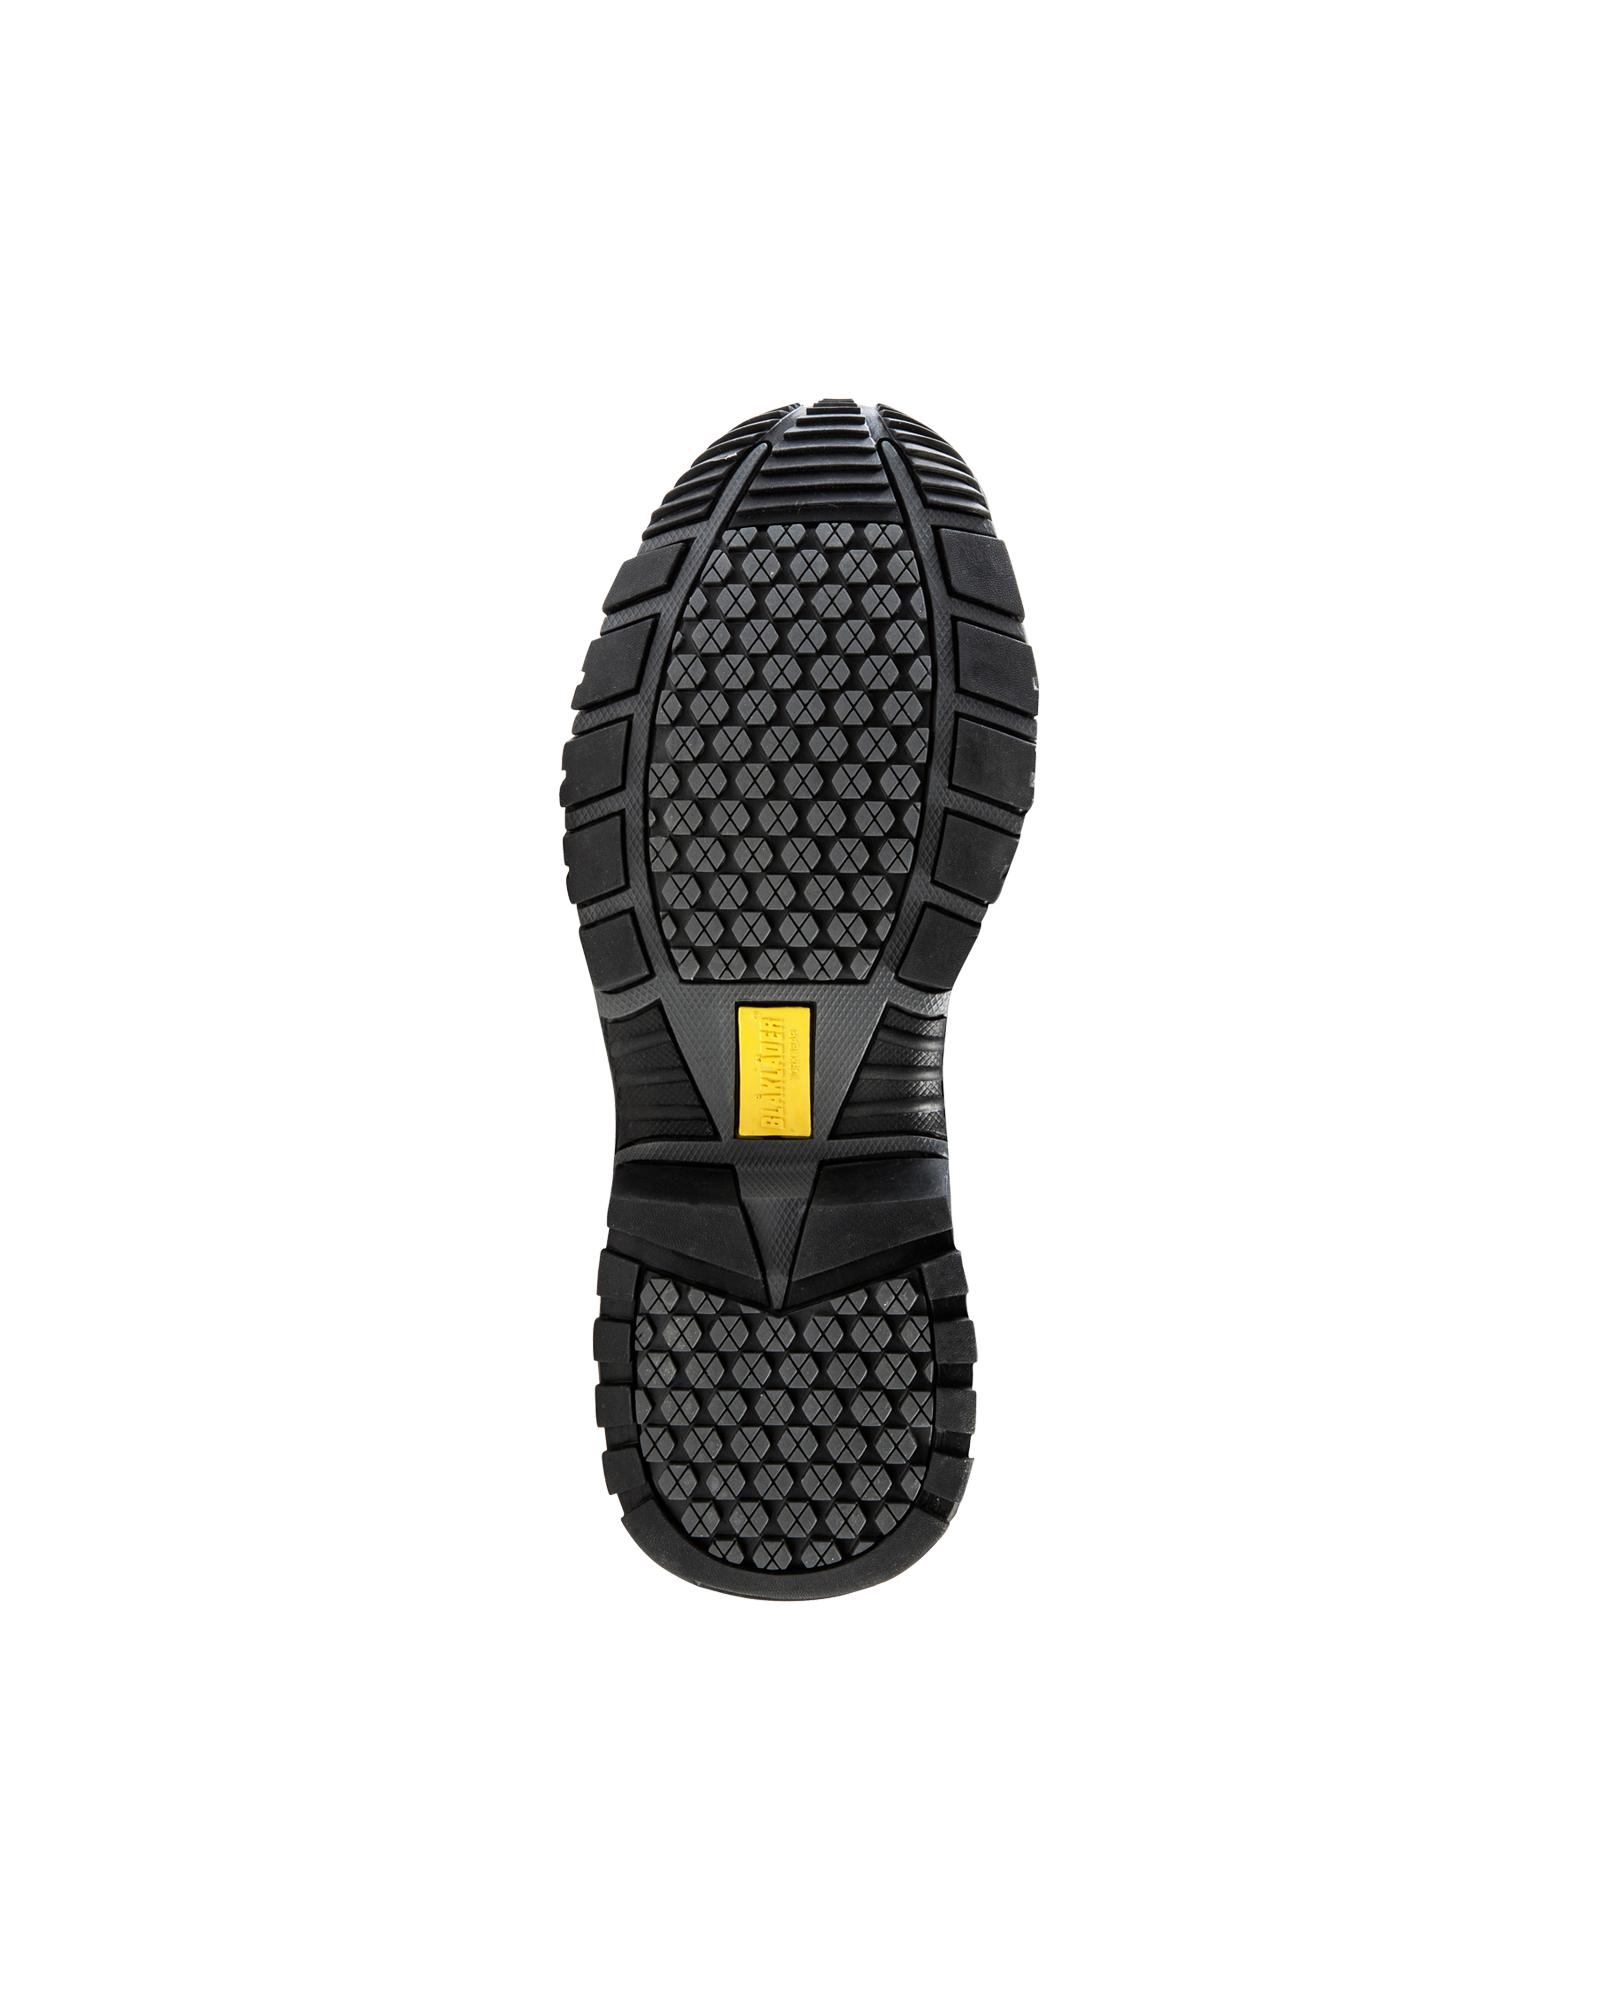 chaussures de s curit hautes hiver noir jaune chaussures de s curit hautes chaussures de. Black Bedroom Furniture Sets. Home Design Ideas